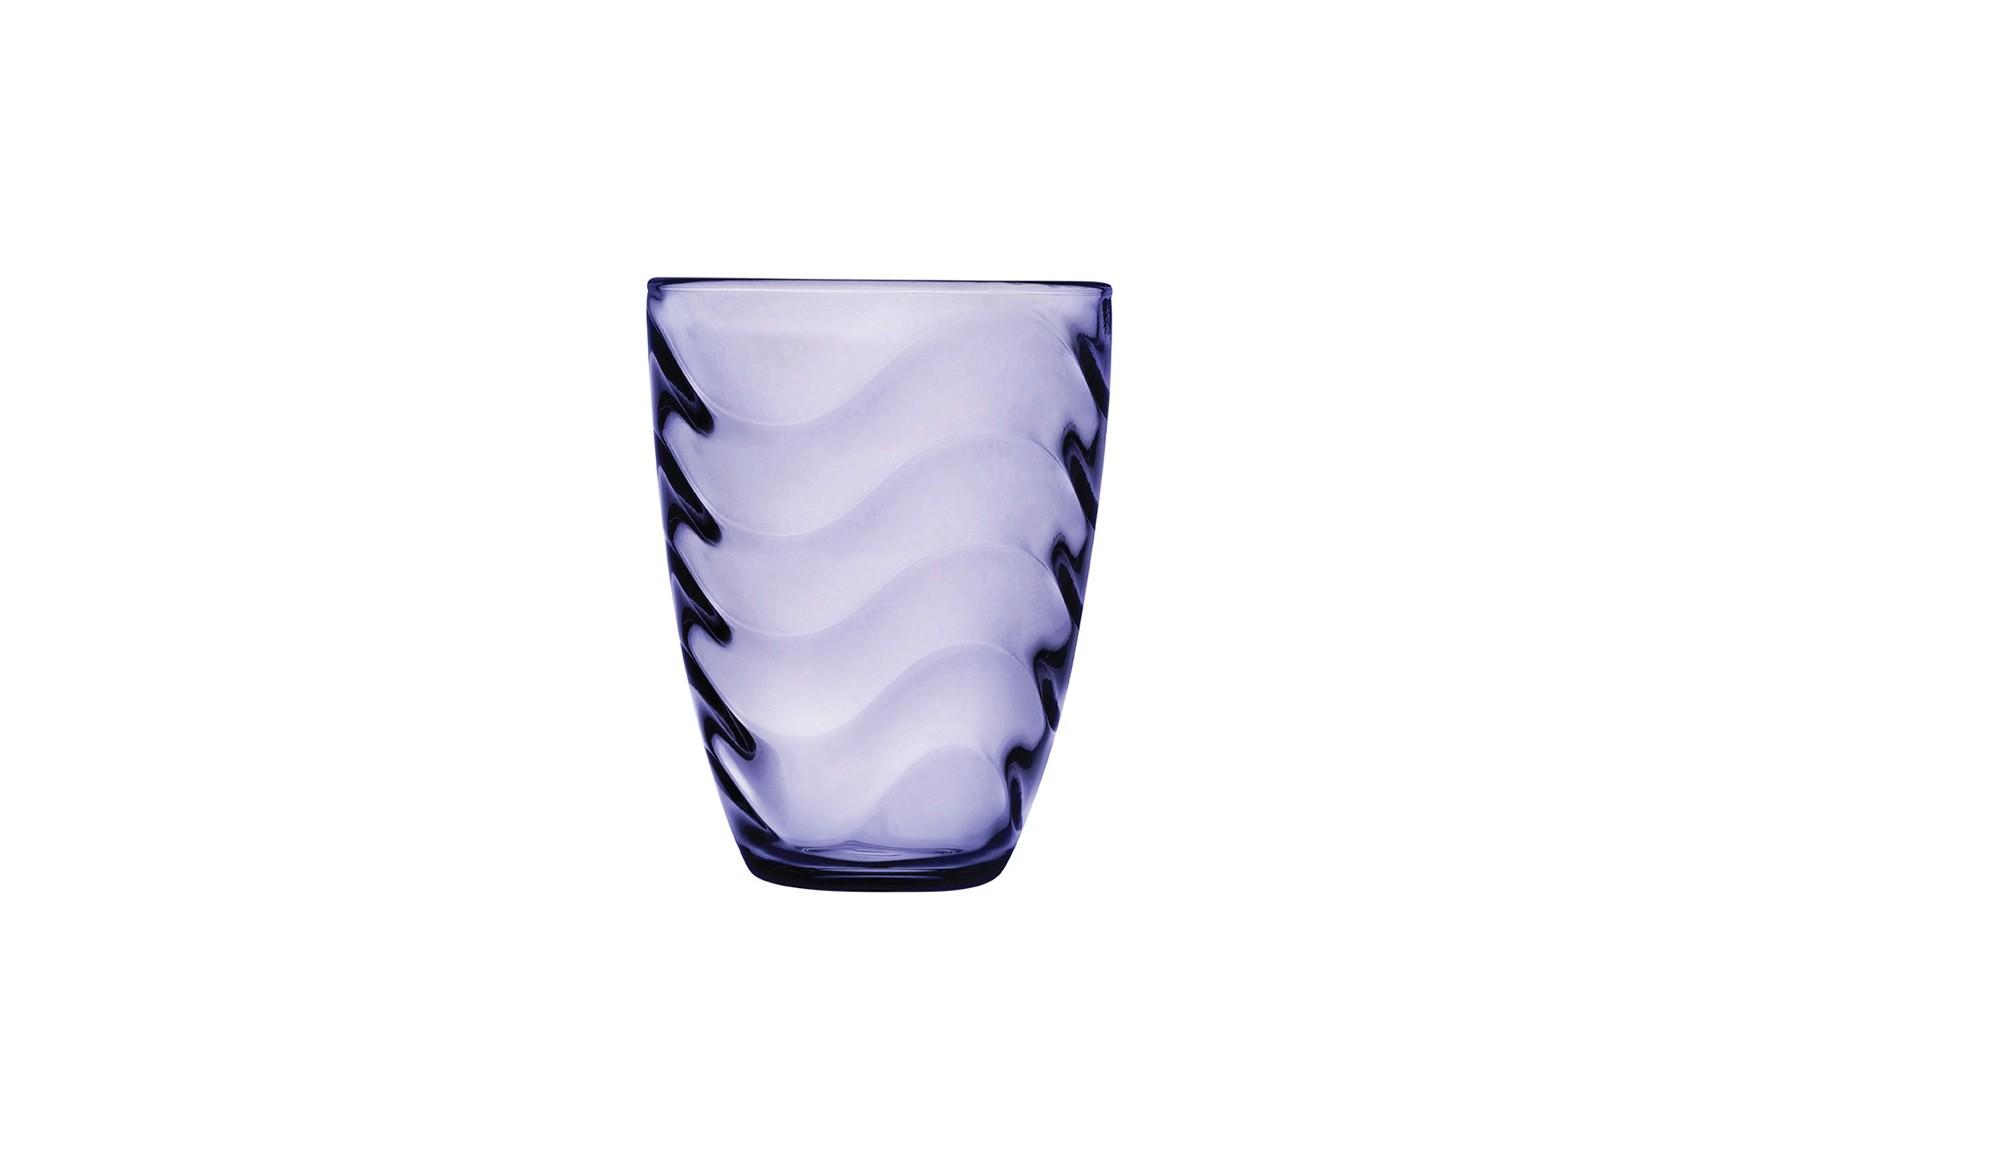 Ποτήρι Νερού - Αναψυκτικού Wave Σετ 6τμχ. 330ml Μωβ Pasabahce home   ειδη σερβιρισματος   ποτήρια